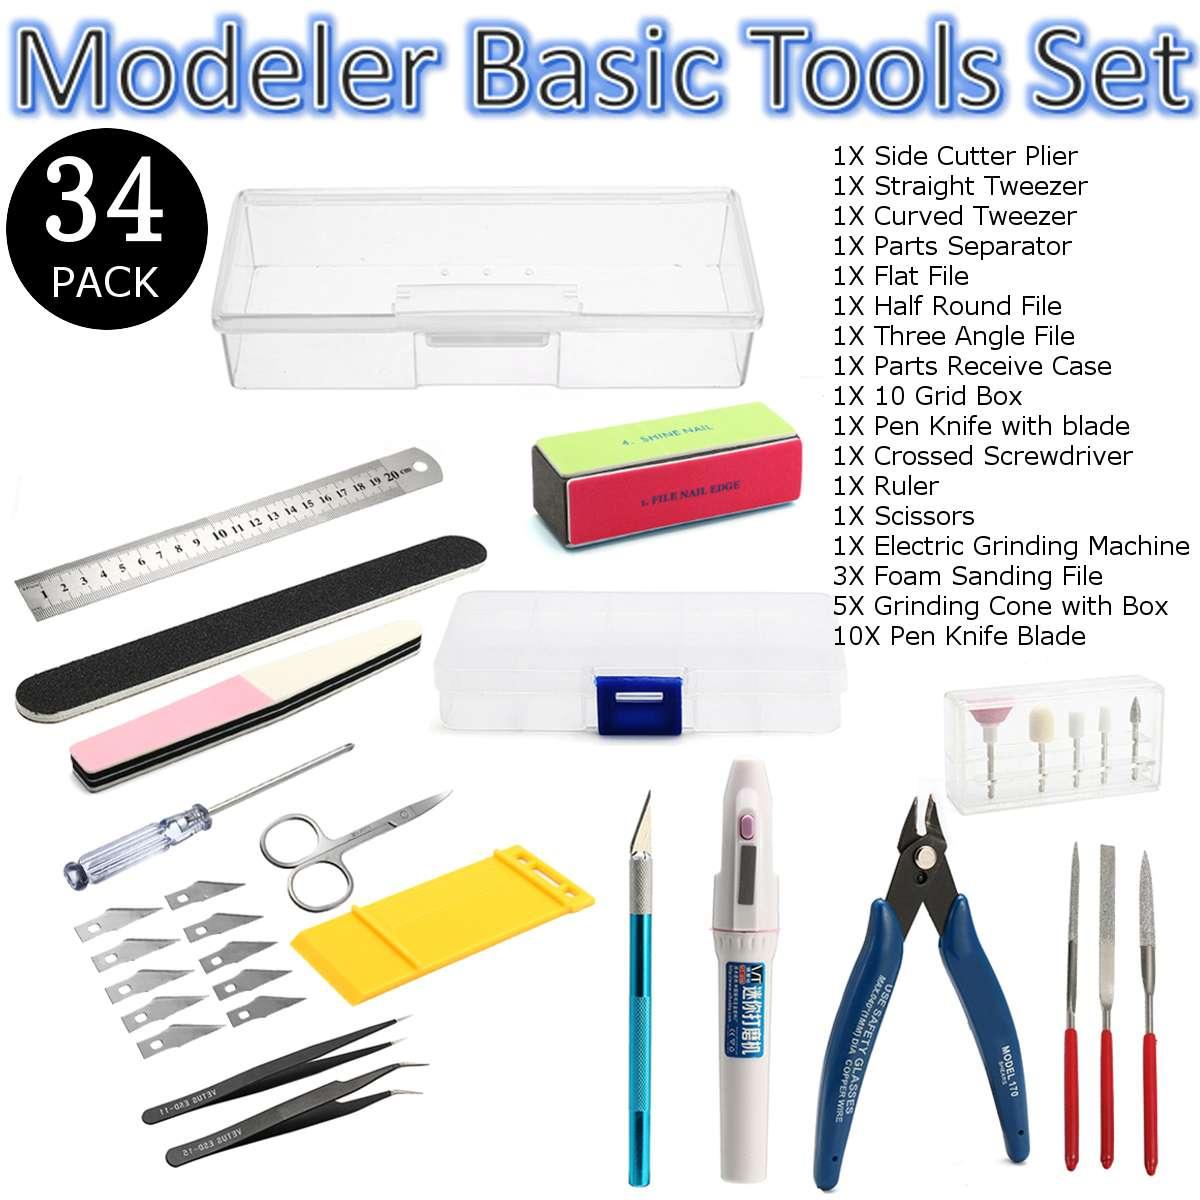 Базовый набор инструментов для модели